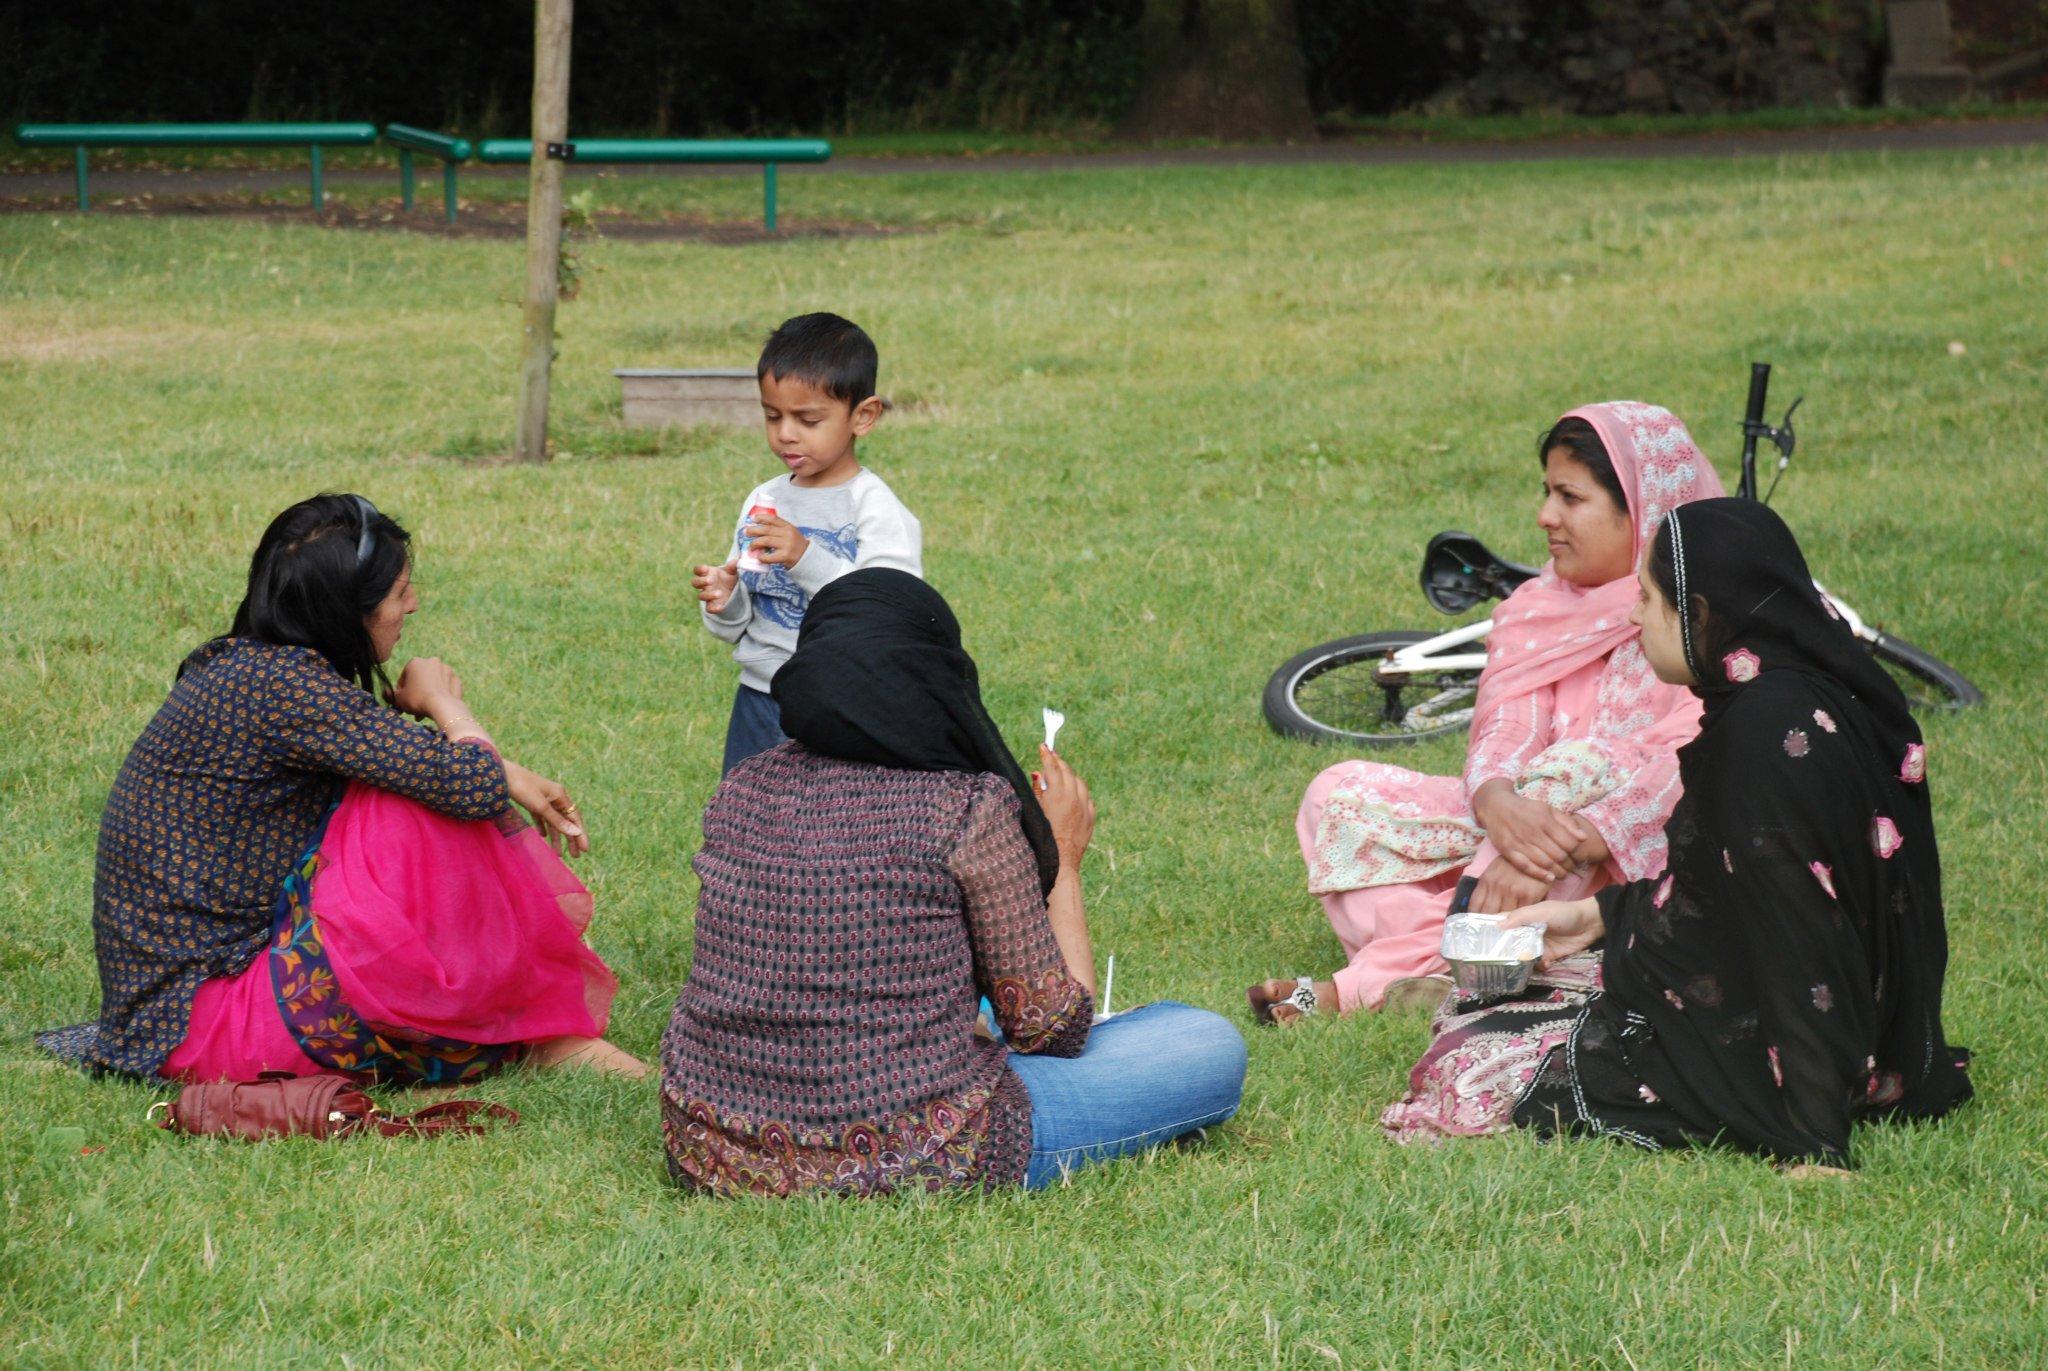 Eid Community Picnic